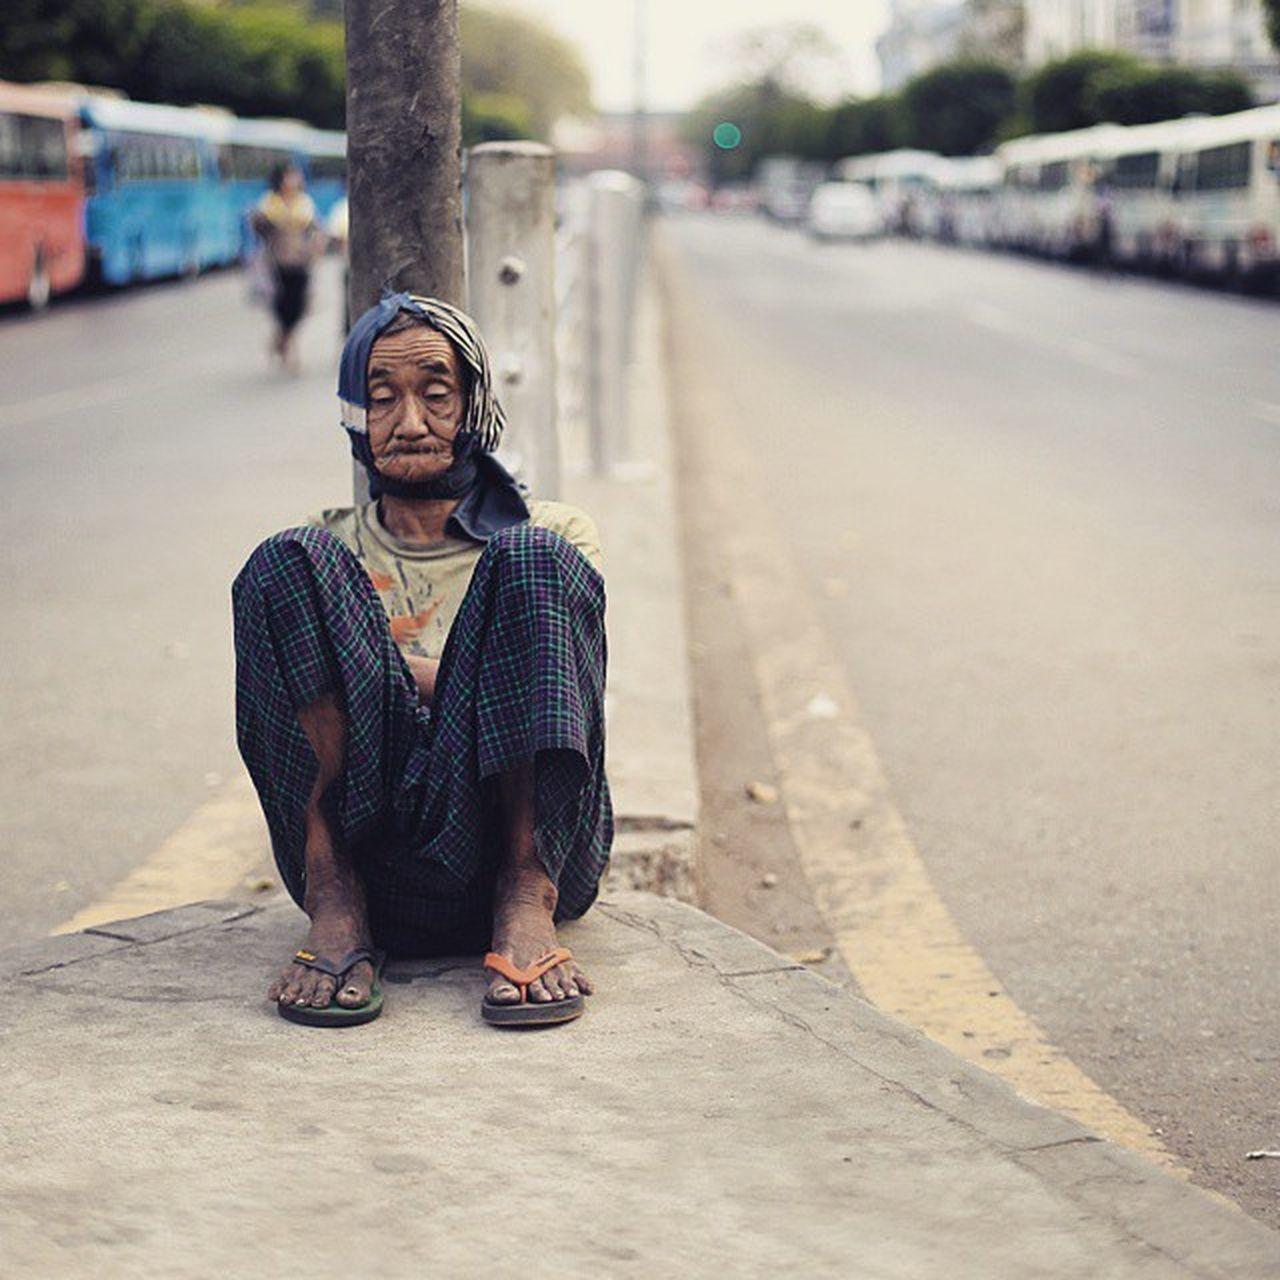 Oldman Portrait Humaninyangon homeless poor igersburmeseigers igersmyanmar asiageographic yangonbyphone street picoftheday photooftheday photooftheweek instaphotography everdayasia yangon burma myanmar